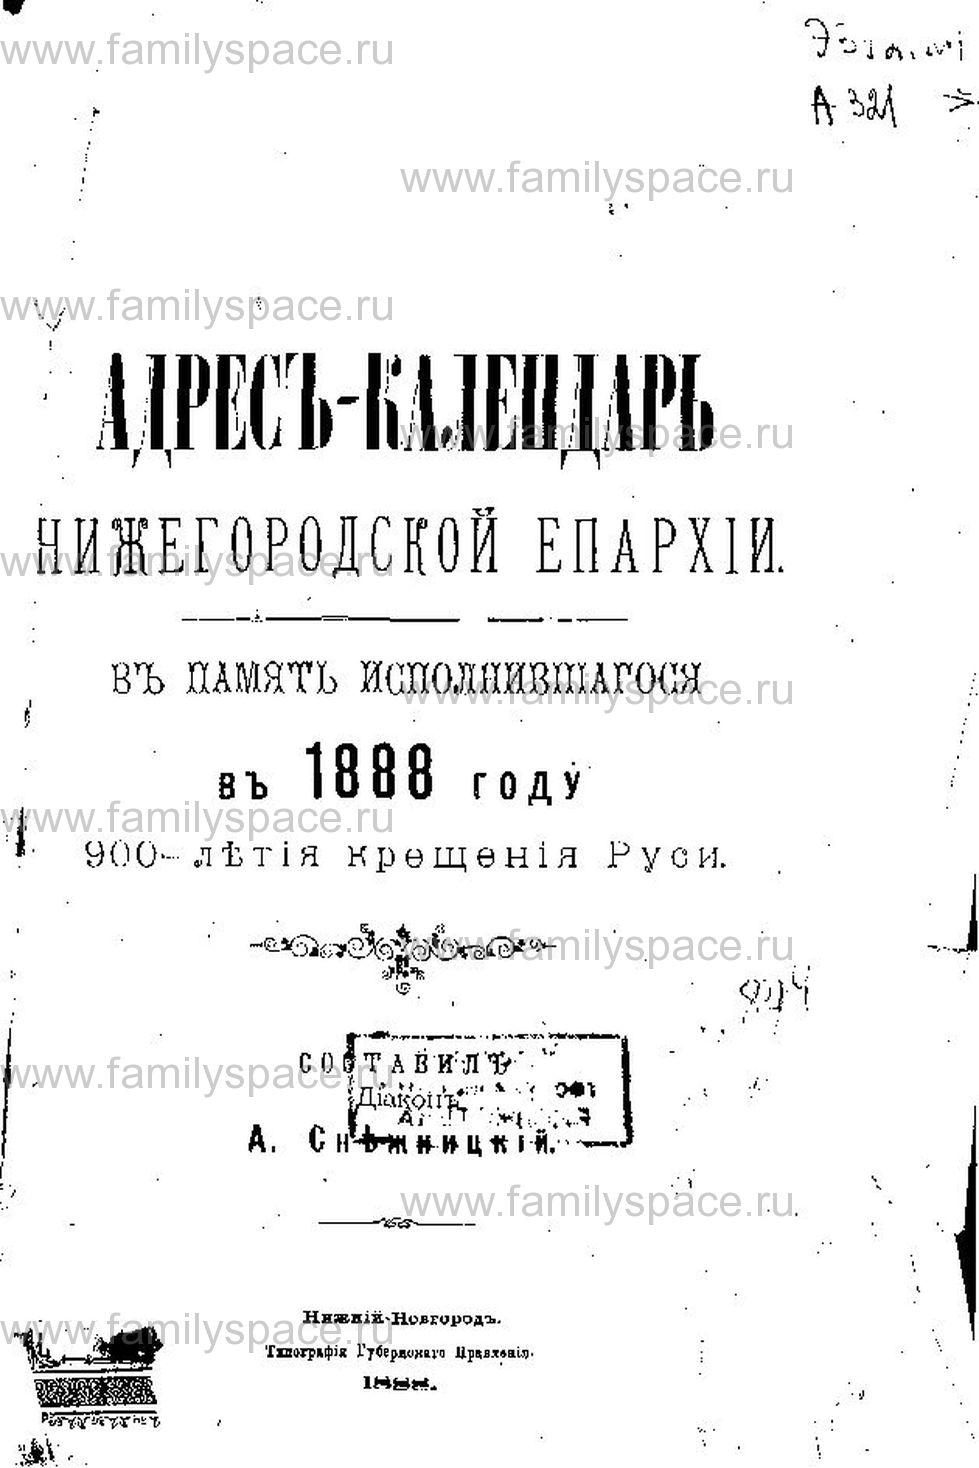 Поиск по фамилии - Адрес-календарь Нижегородской епархии на 1888 год, страница 2